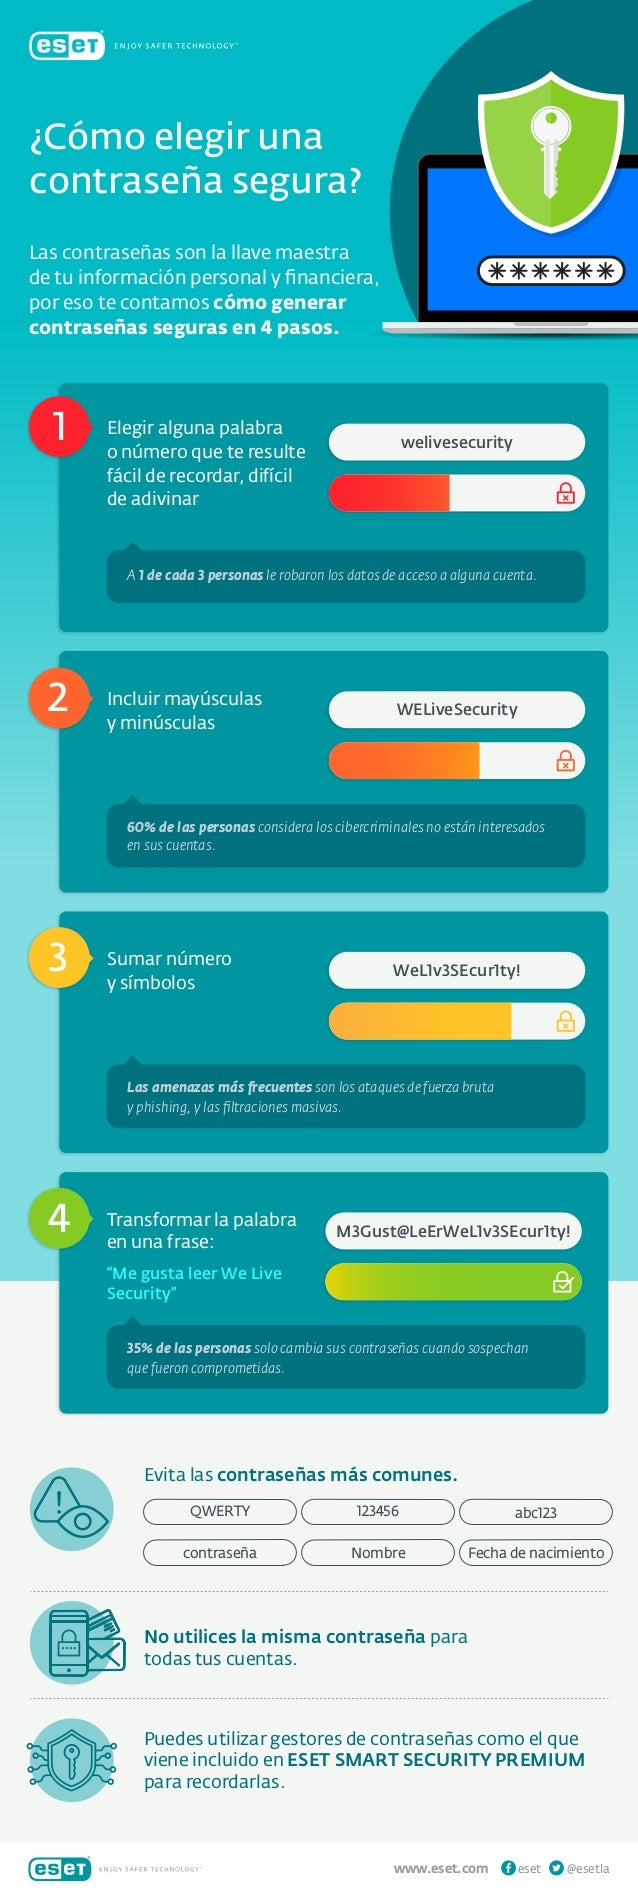 ¿Cómo elegir una contraseña segura? www.eset.com @esetlaeset Las contraseñas son la llave maestra de tu información person...